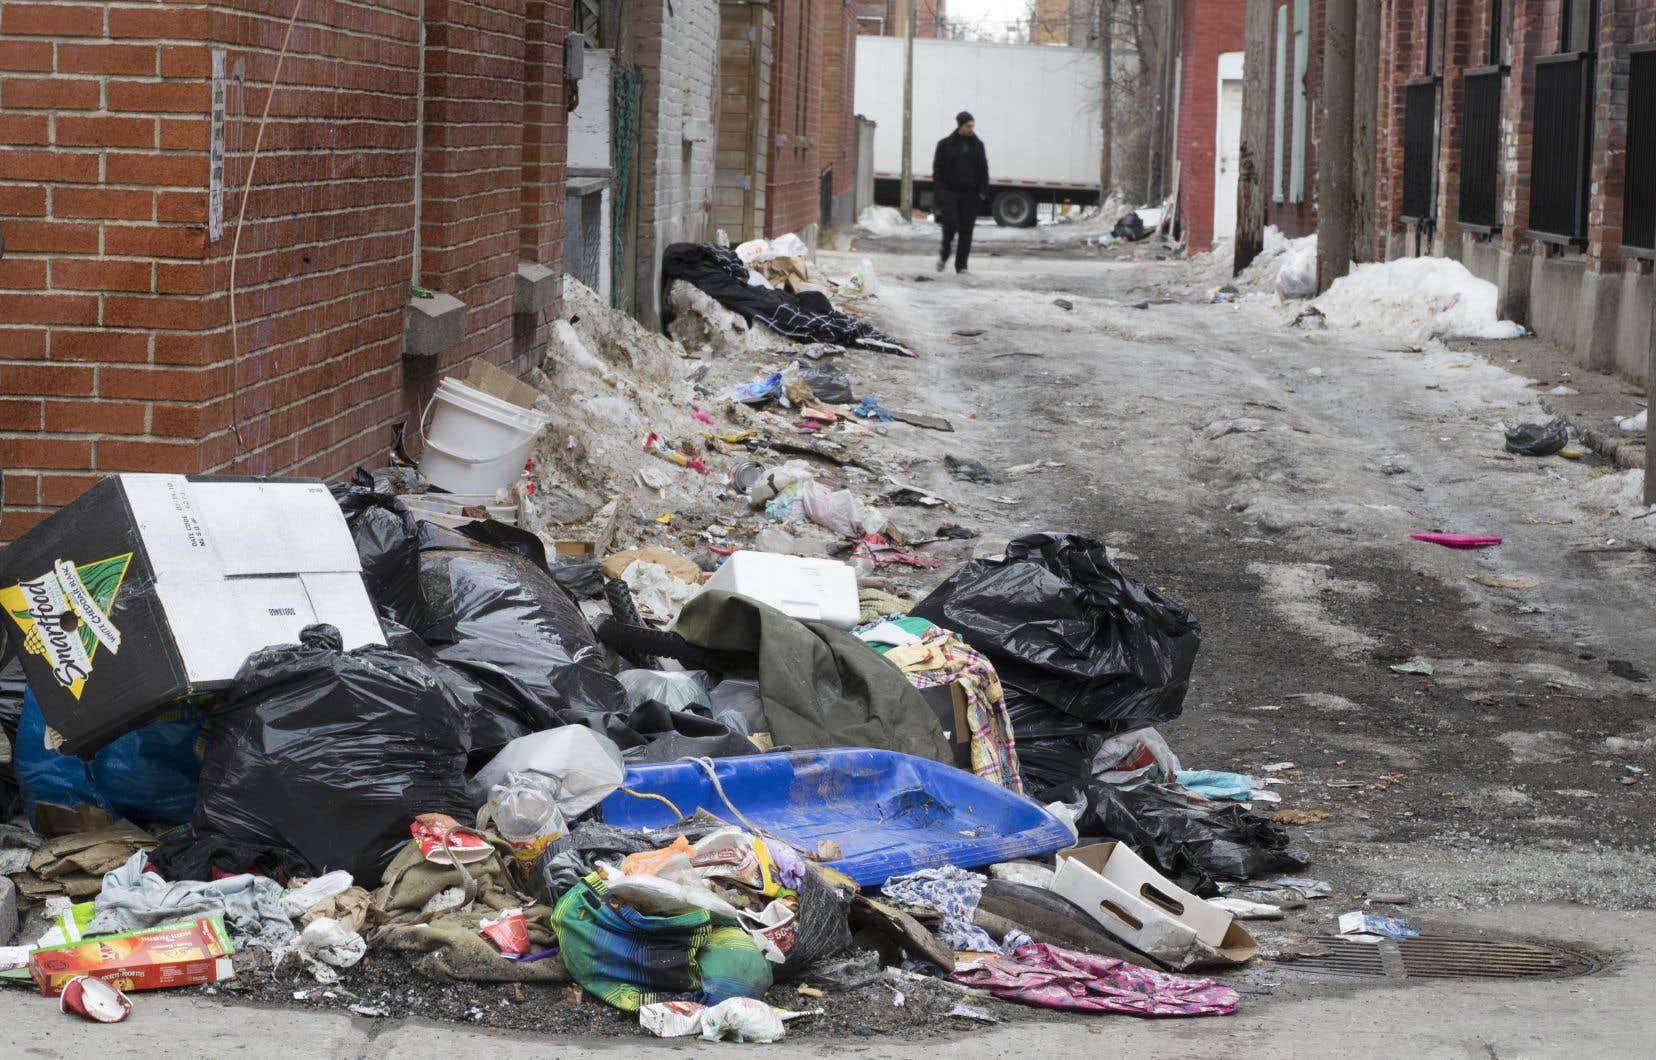 «S'il nous faut applaudir cette initiative de la Ville de Gatineau de restreindre le volume des ordures ménagères, on peut cependant se questionner sur la sagacité des moyens pris par le conseil municipal pour réaliser cet objectif», croit l'auteur.